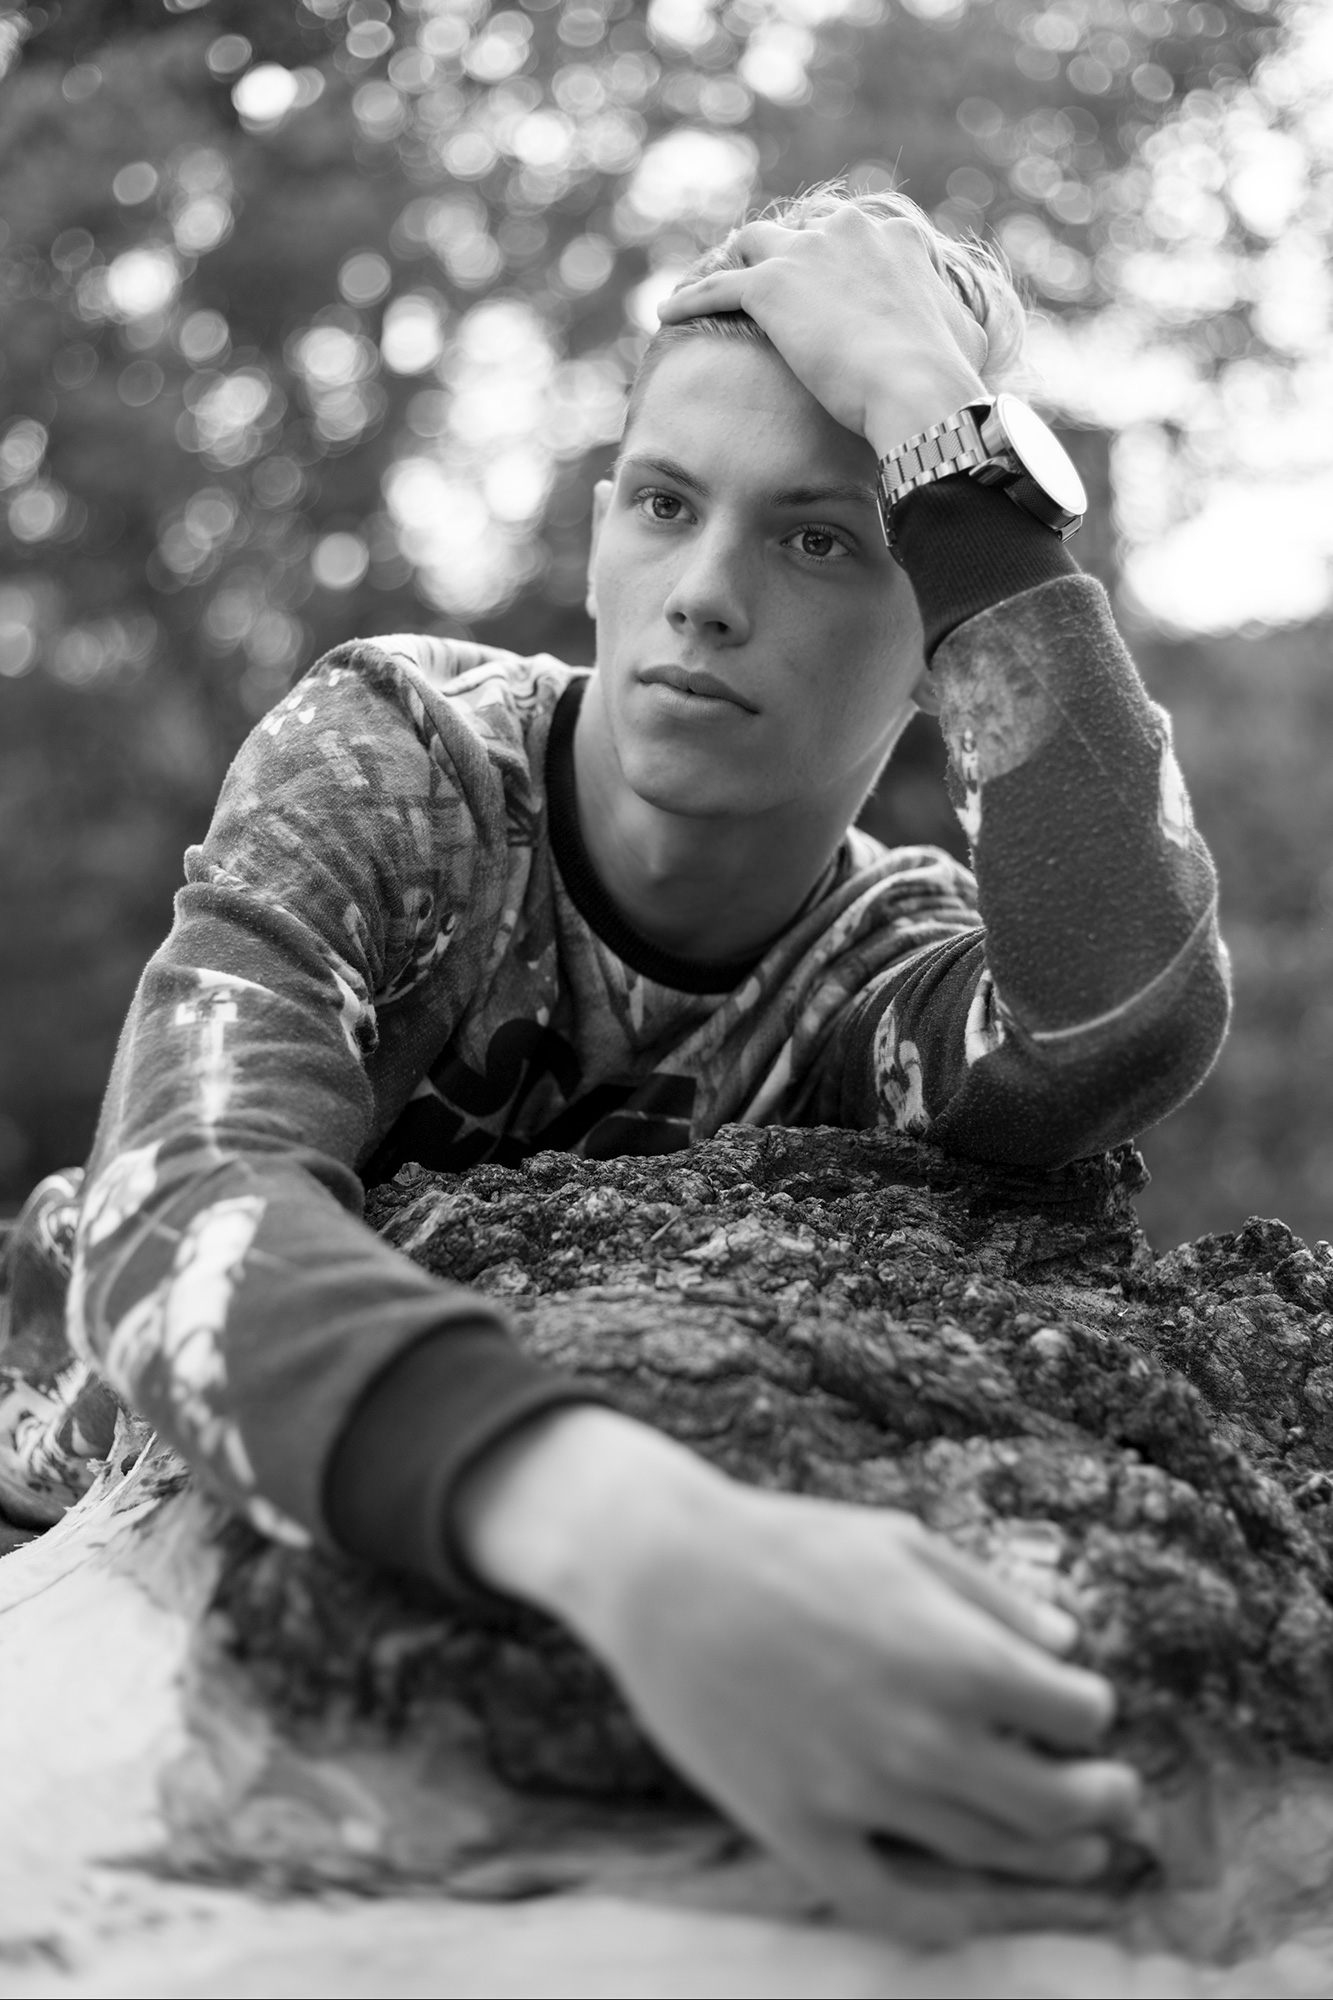 Portrait eines jungen Mannes, der auf einem Baumstamm liegt. Das Spiel mit Schärfe und Unschärfe.